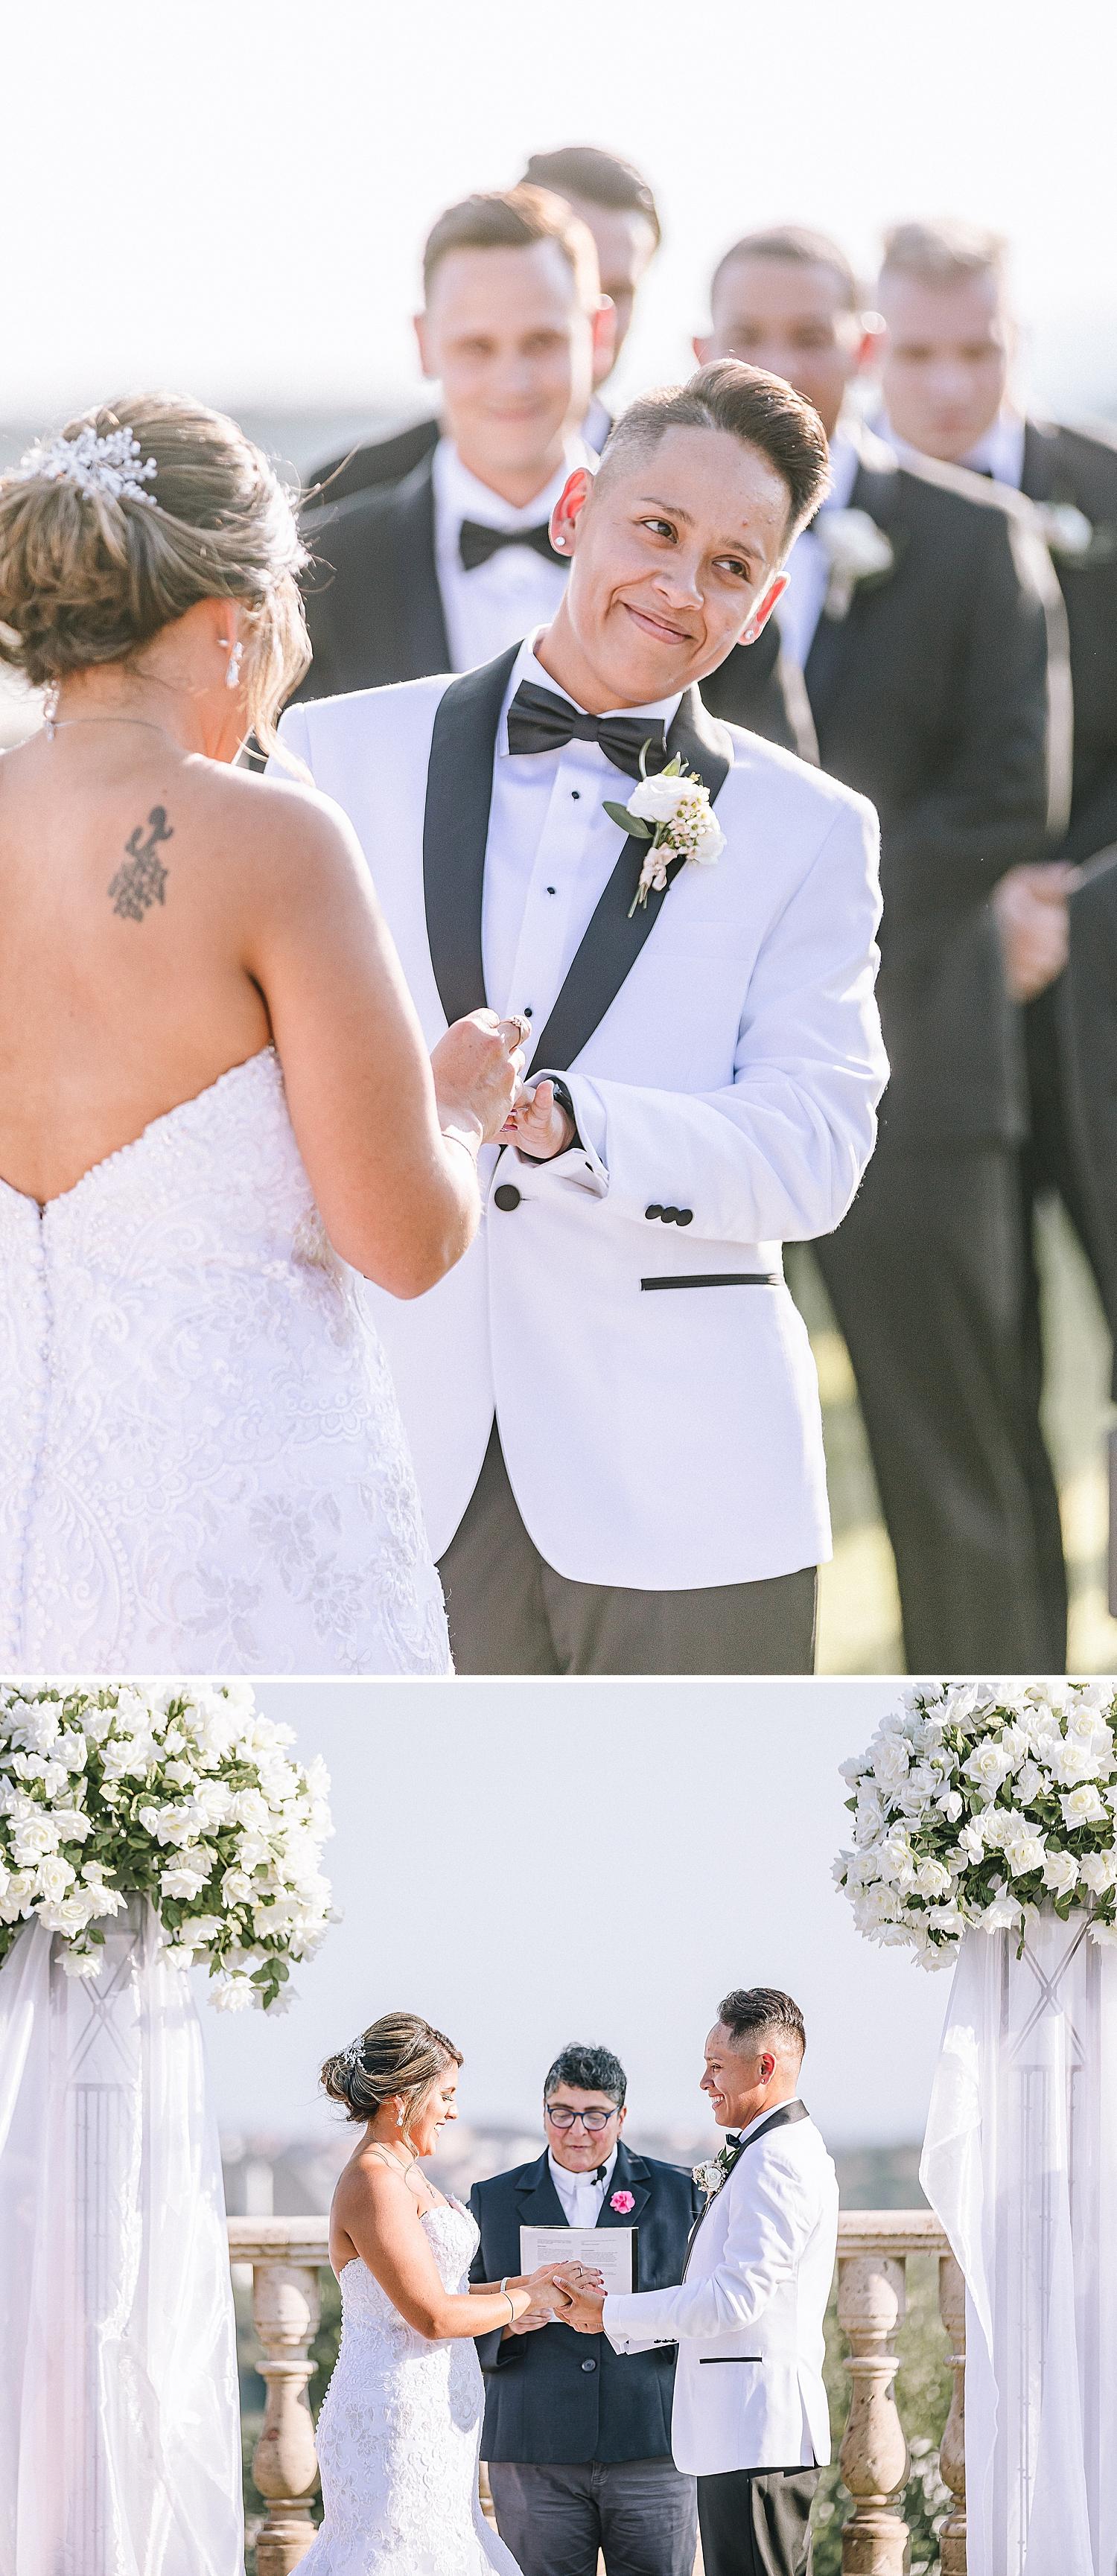 Carly-Barton-Photography-The-Villa-at-Cielo-Vista-Blush-Gold-White-Wedding-Photos_0092.jpg